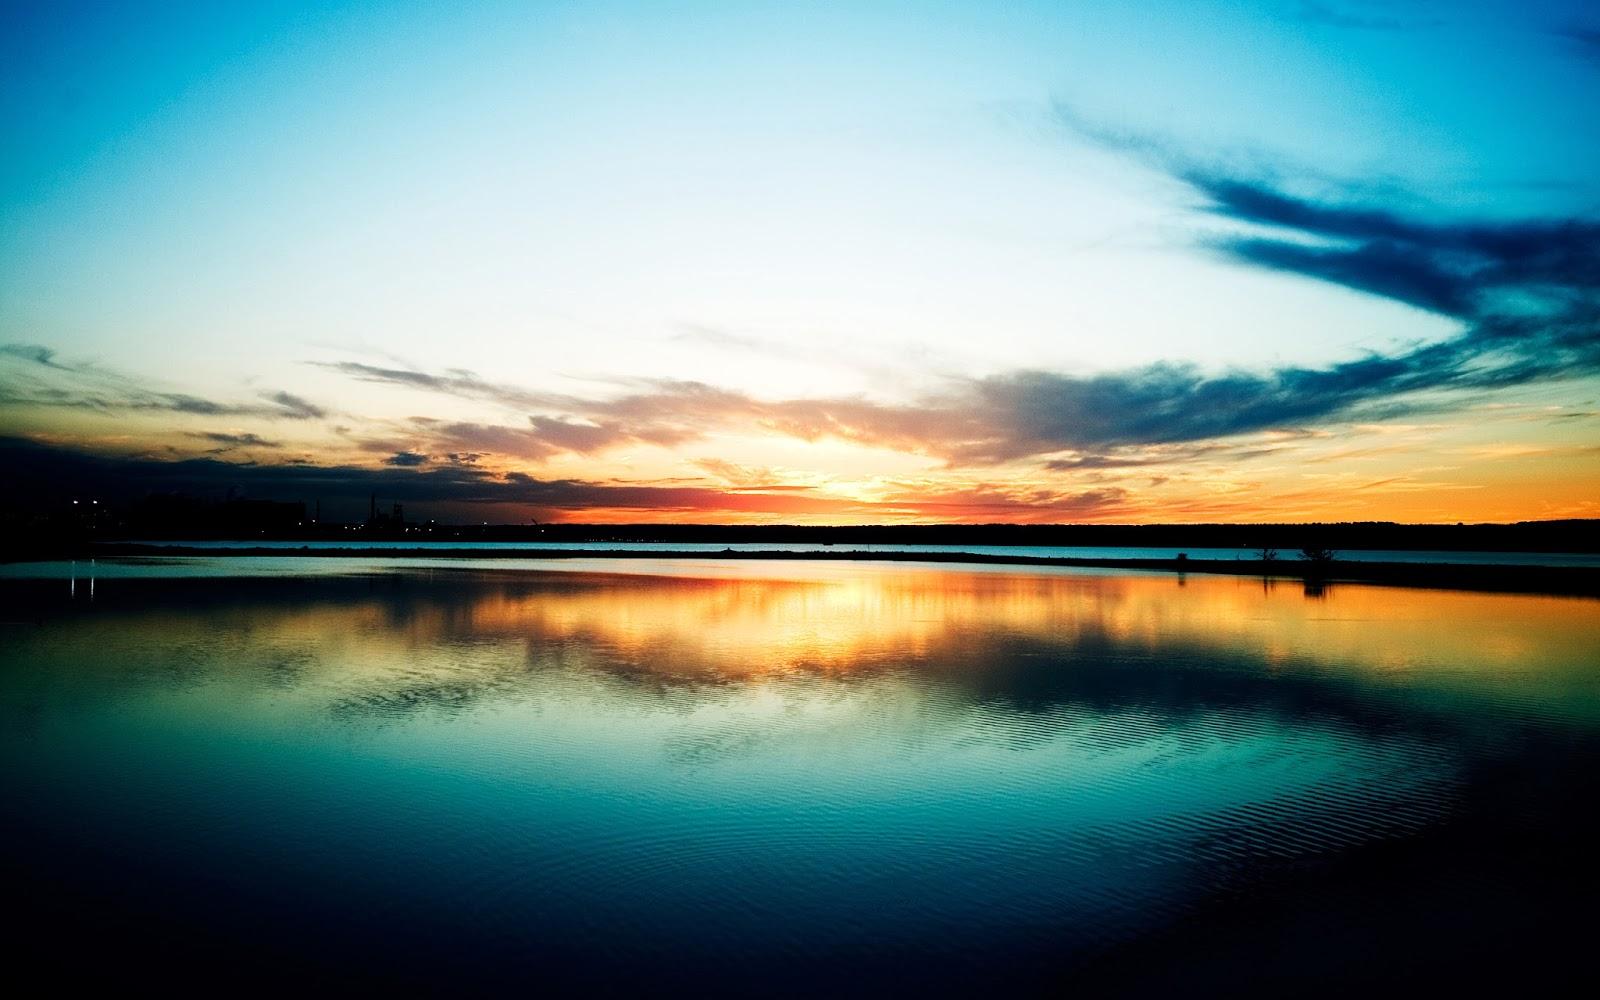 """<img src=""""http://2.bp.blogspot.com/-oetlnoVRXnk/Ut7Wer4l88I/AAAAAAAAJsY/Nbc0NMteU4U/s1600/harbour-sunset.jpg"""" alt=""""harbour sunset"""" />"""